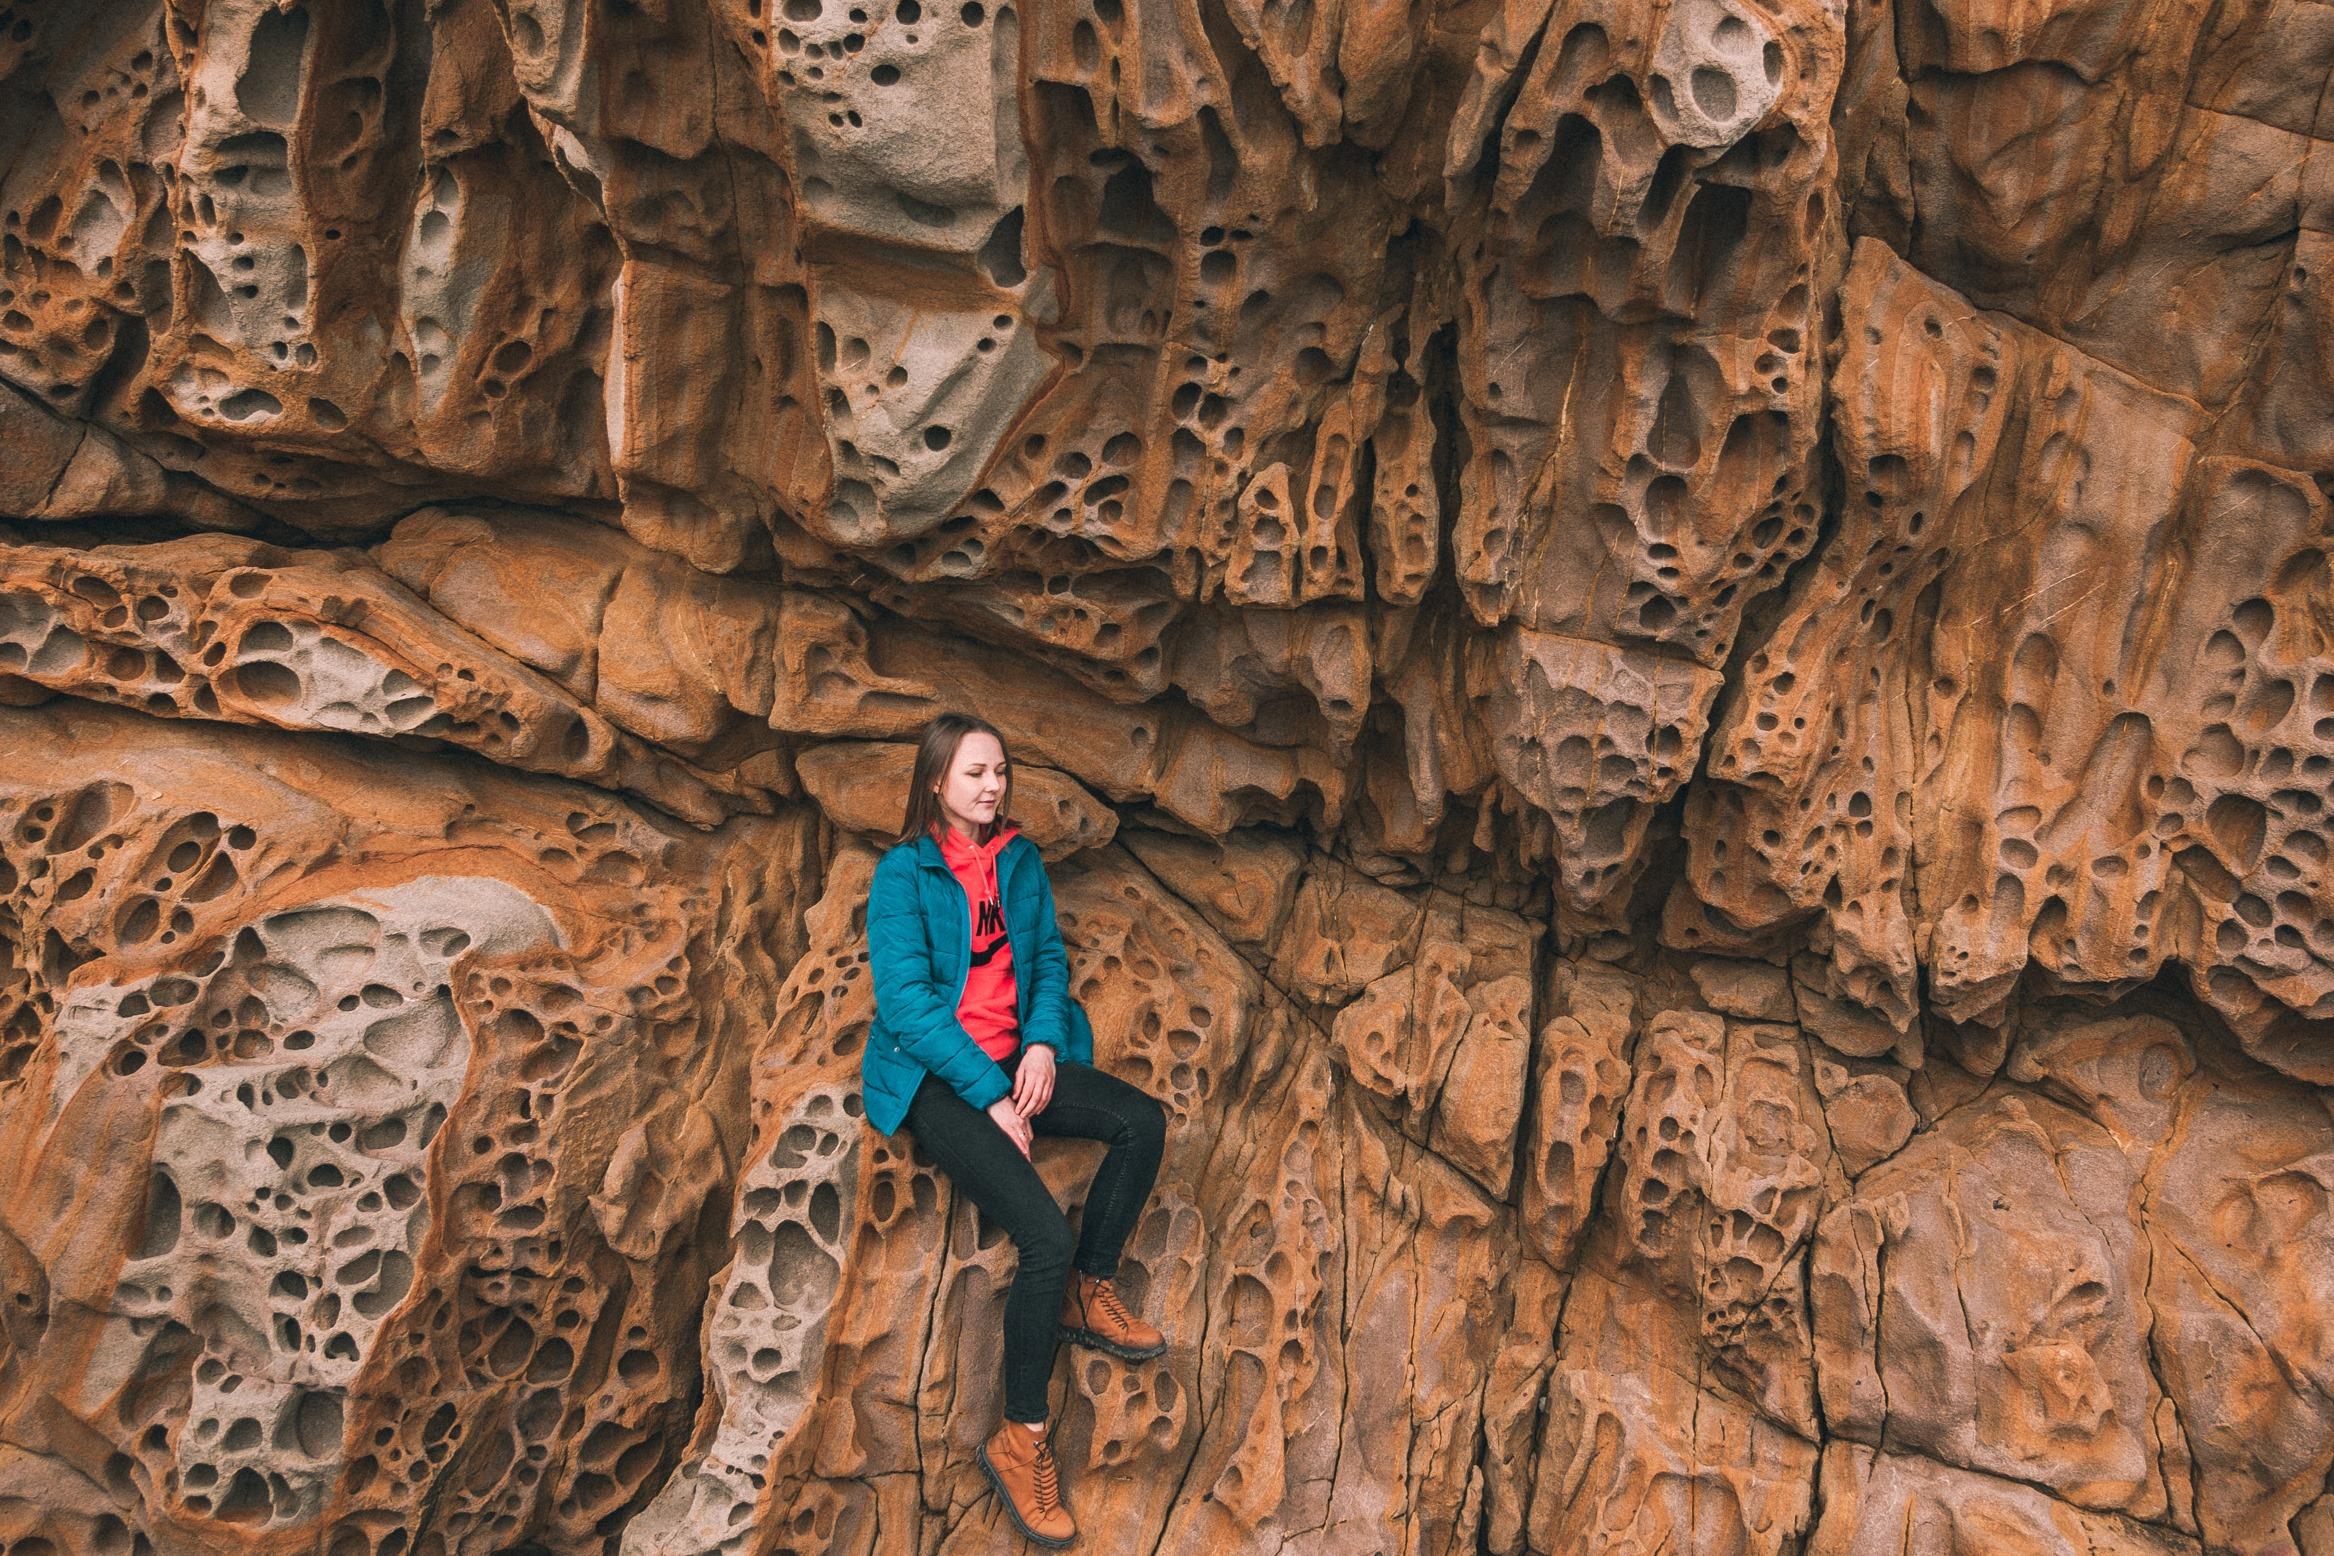 Блог путешественника по Крыму: Сырная скала или скальный комплекс Тузлух